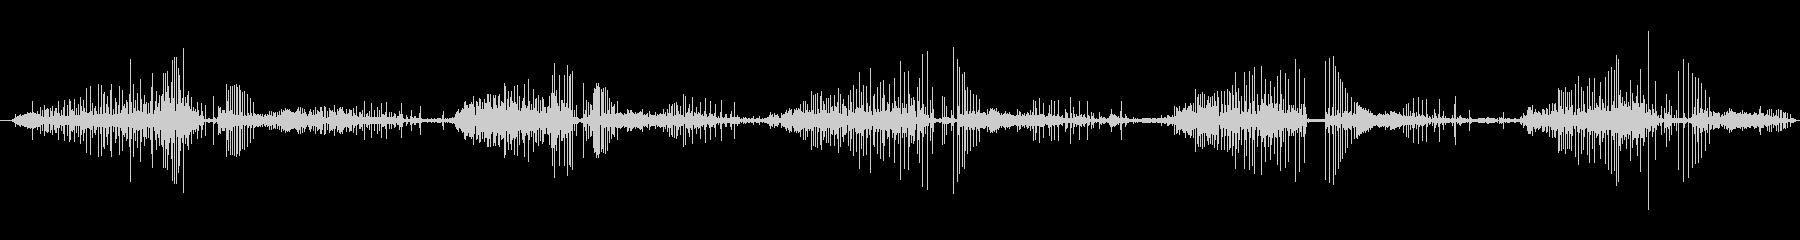 レザー レザーブーツクリーク02の未再生の波形